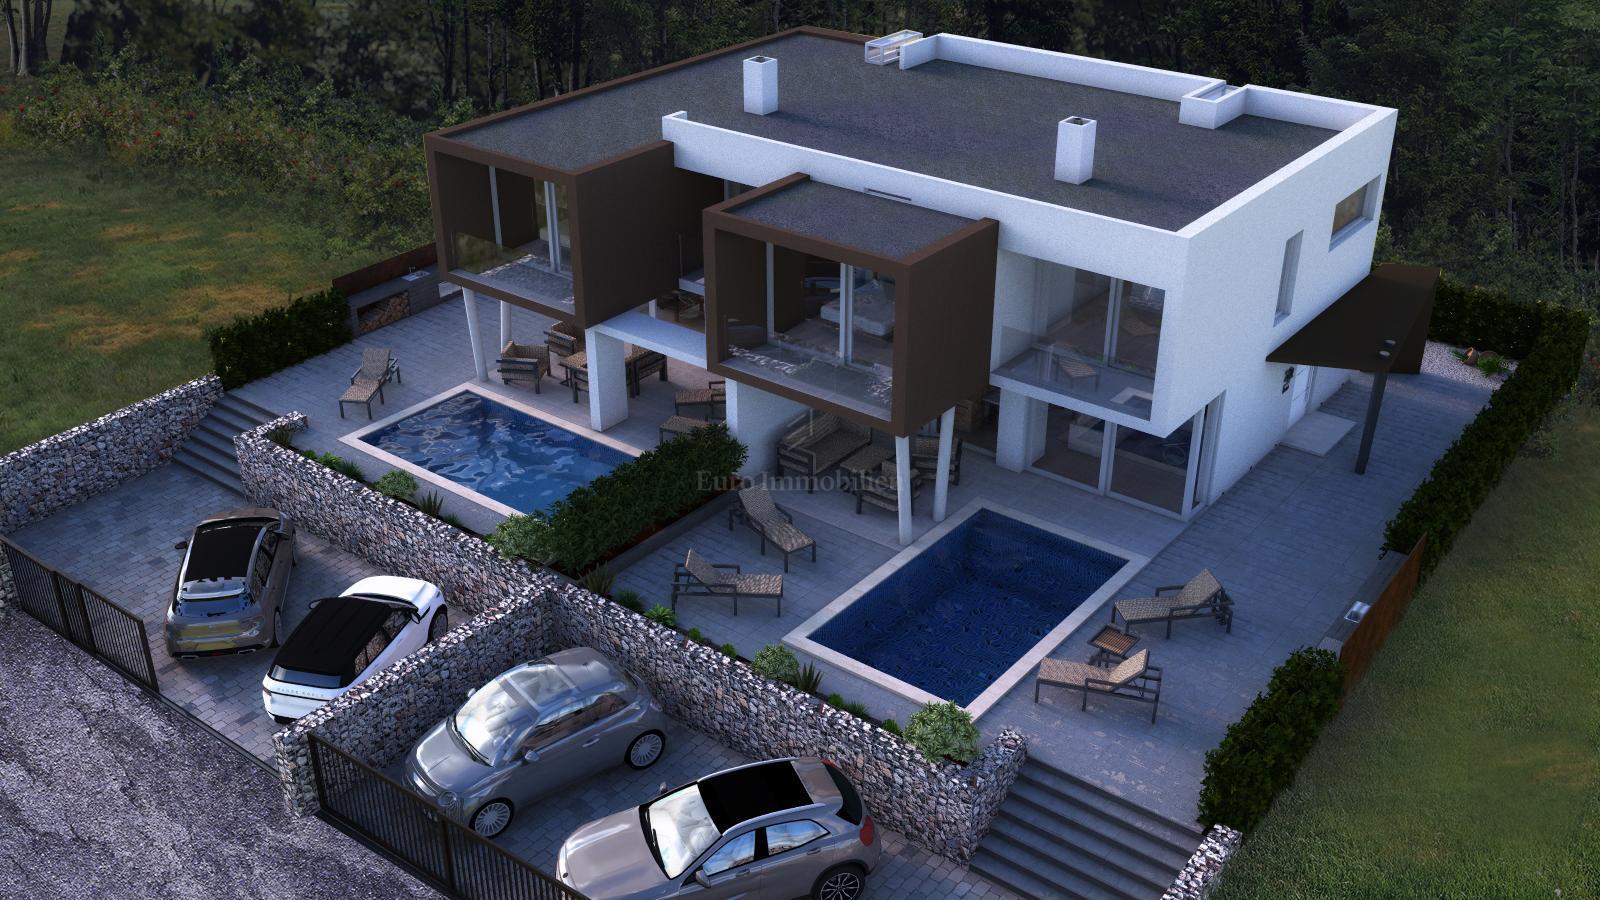 Moderne Doppelhaushälfte Mit Pool, Garten Und Drei Parkplätzen